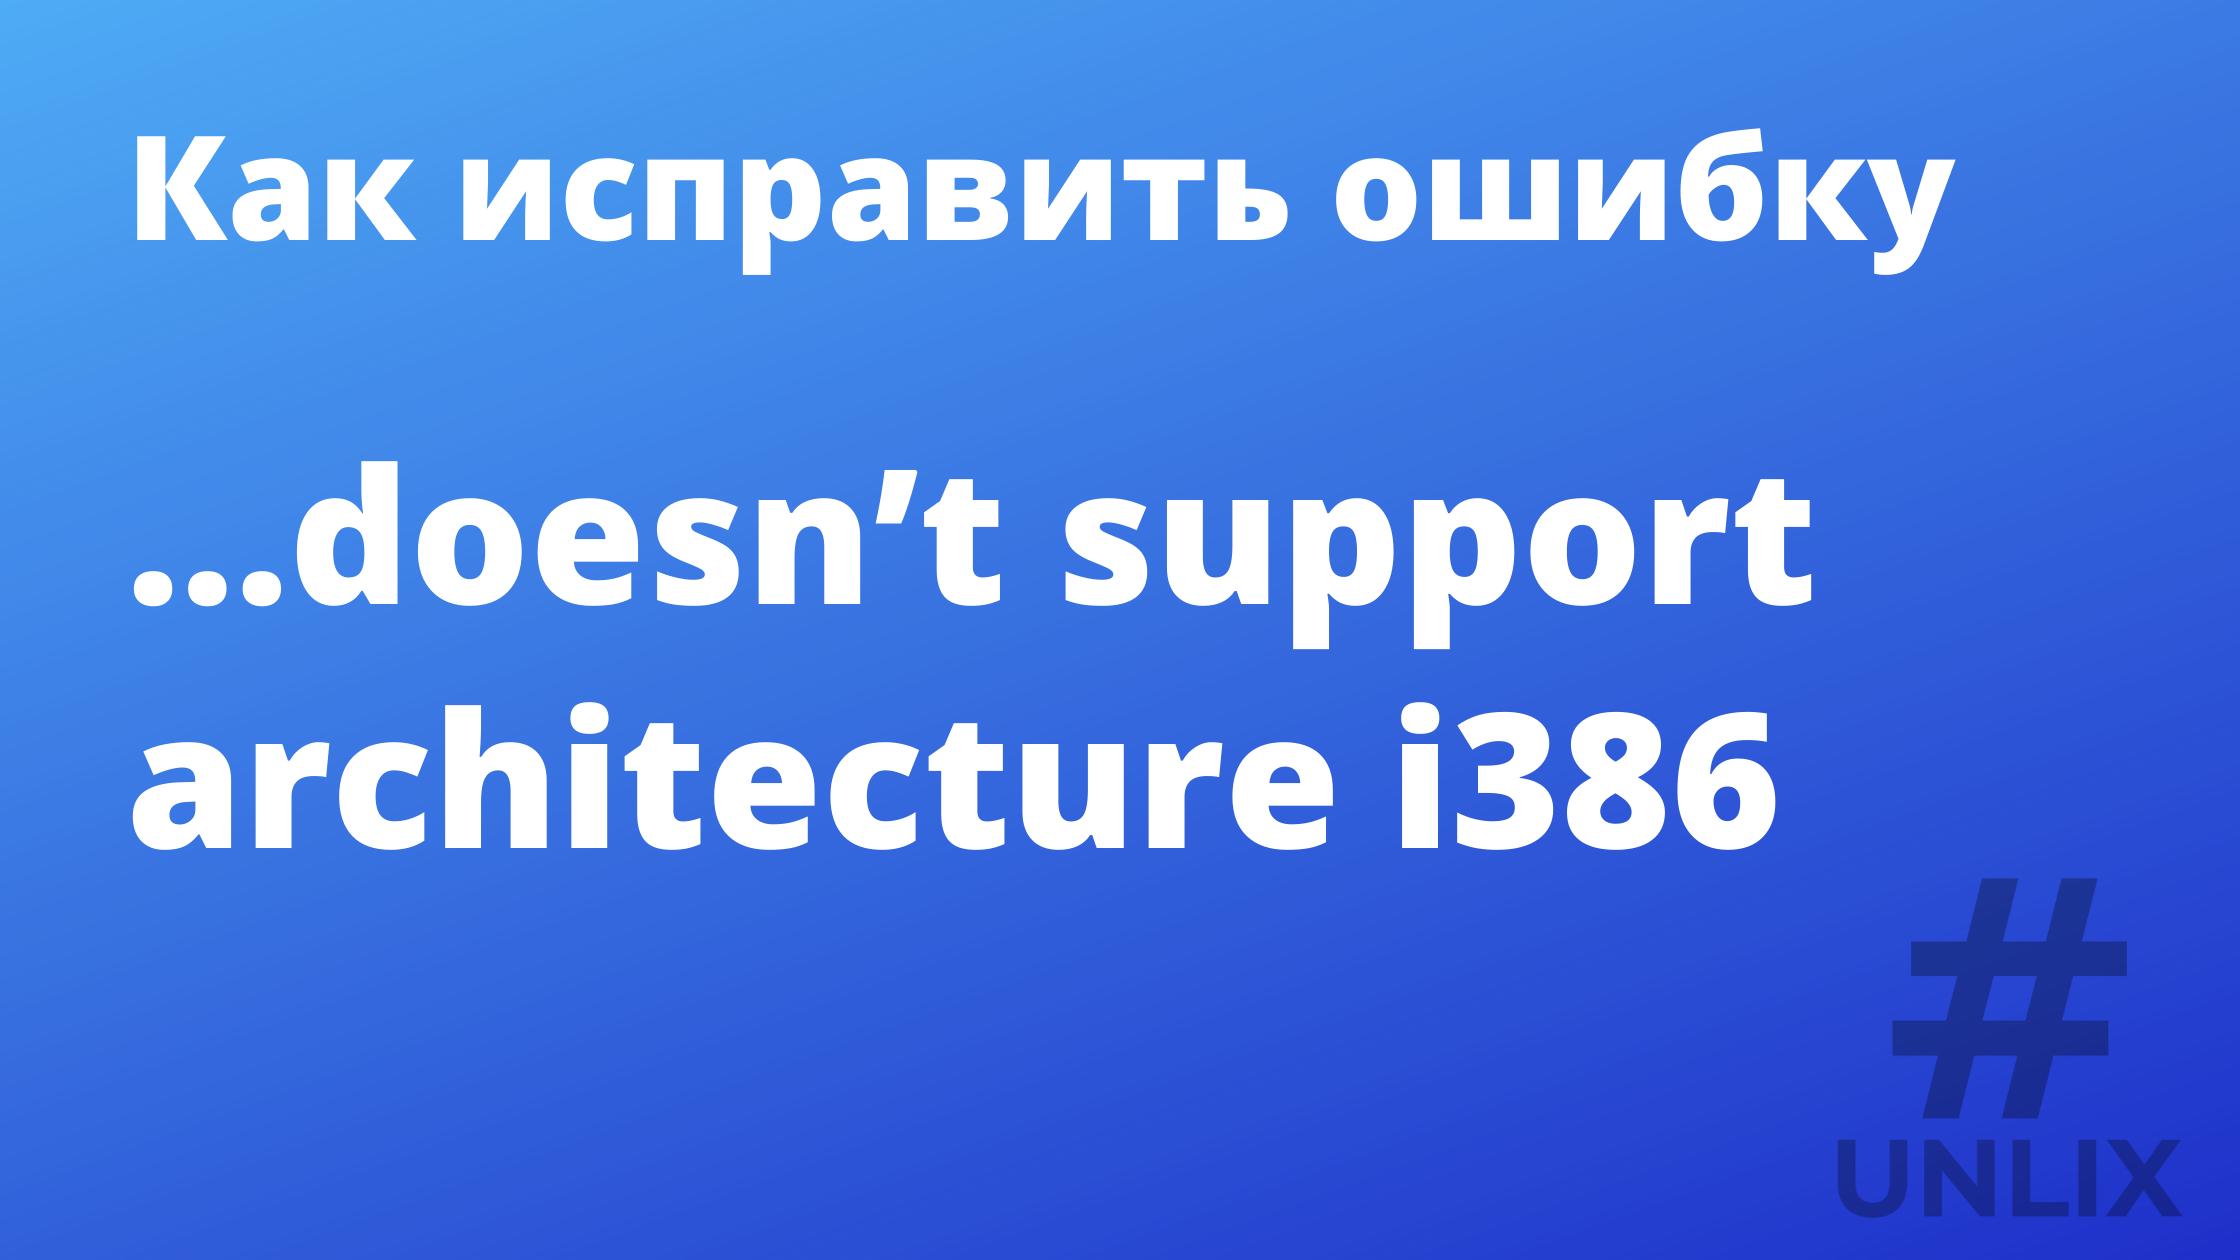 """Как убрать ошибку """"doesn't support architecture i386"""" при обновлении Debian / Ubuntu"""